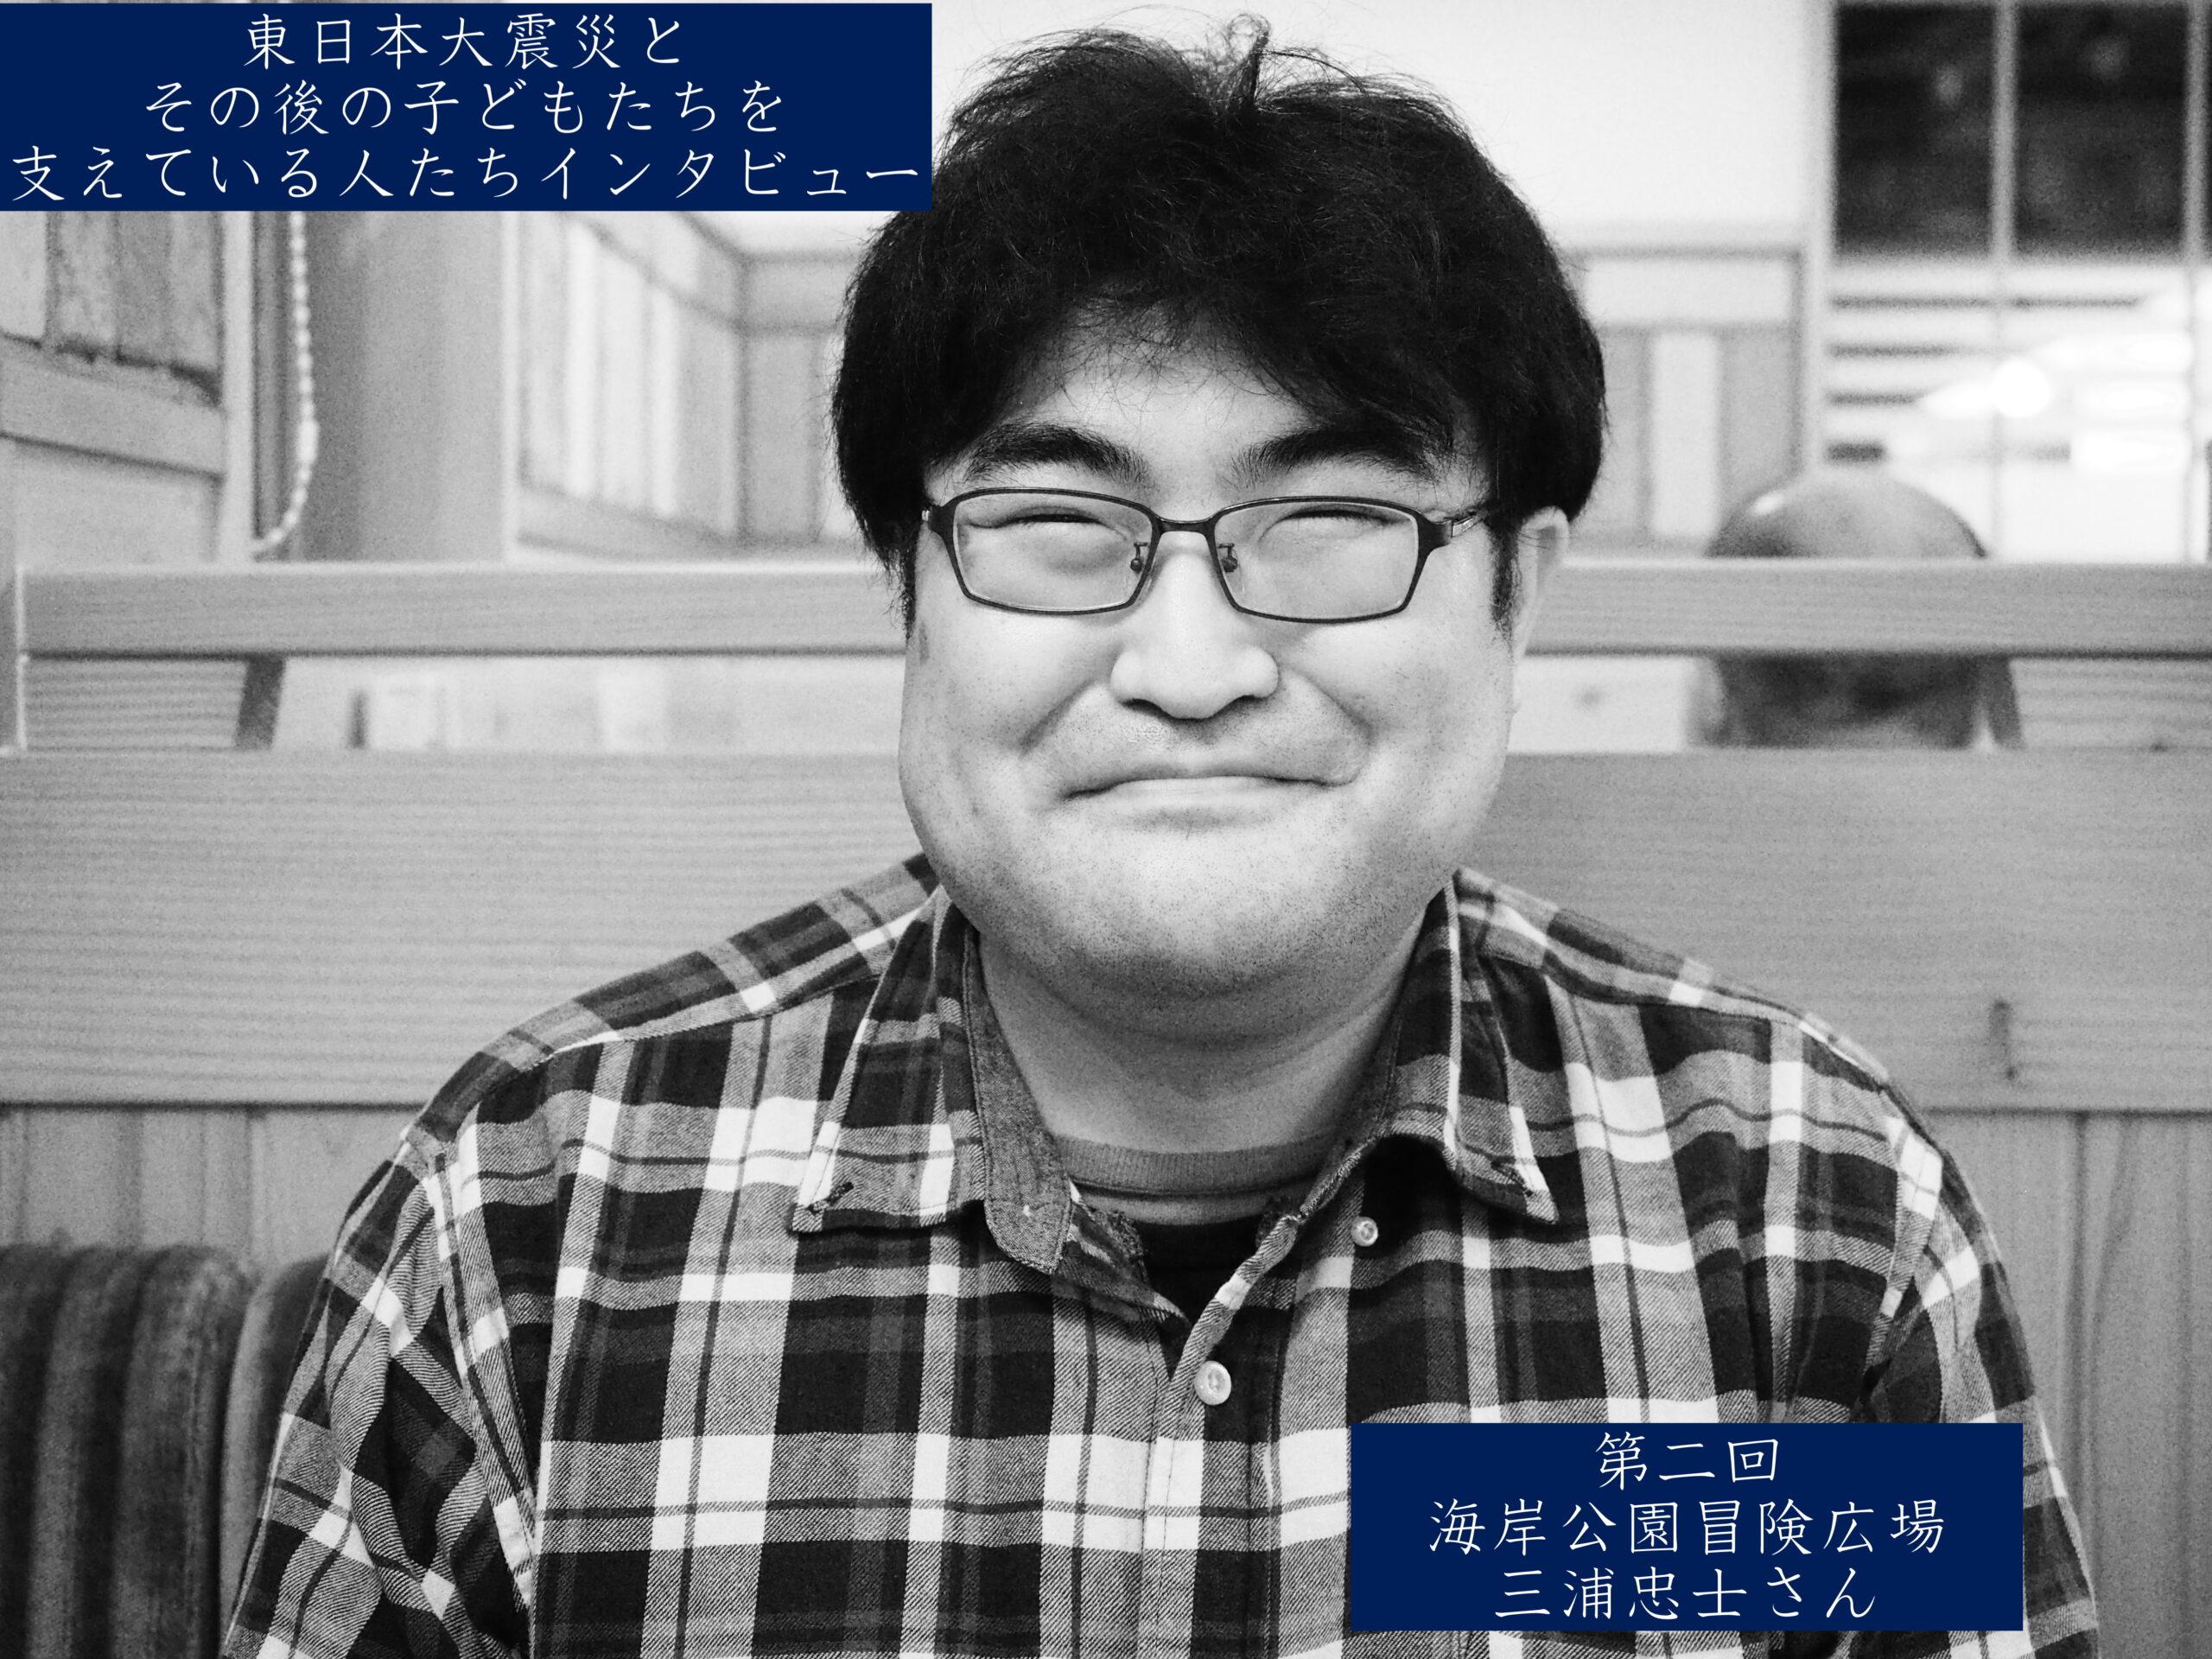 東日本大震災とその後の子どもたちを 支えている人たちインタビュー 第二回